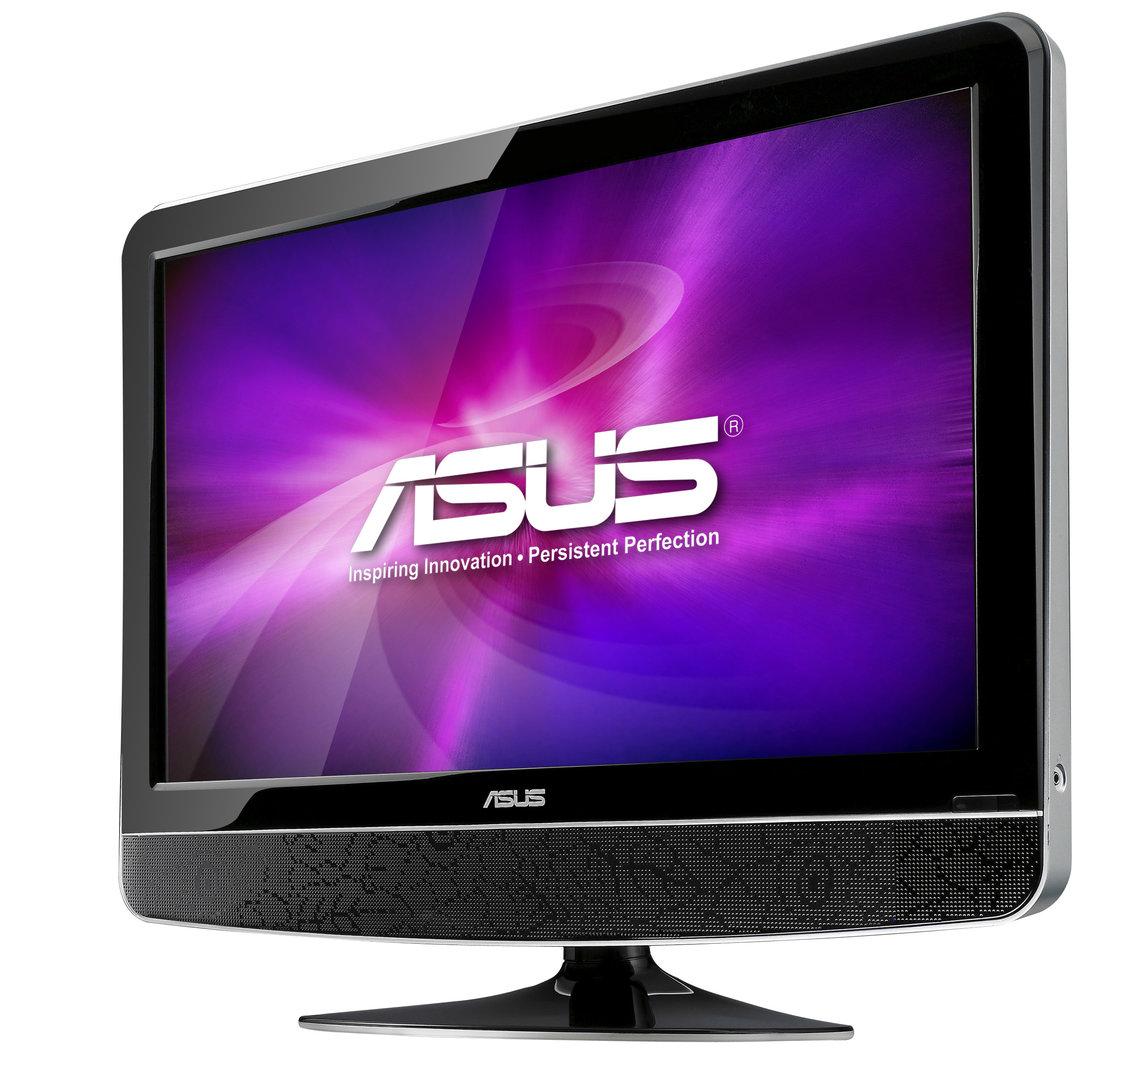 TV-Monitor aus der T1-Serie von Asus